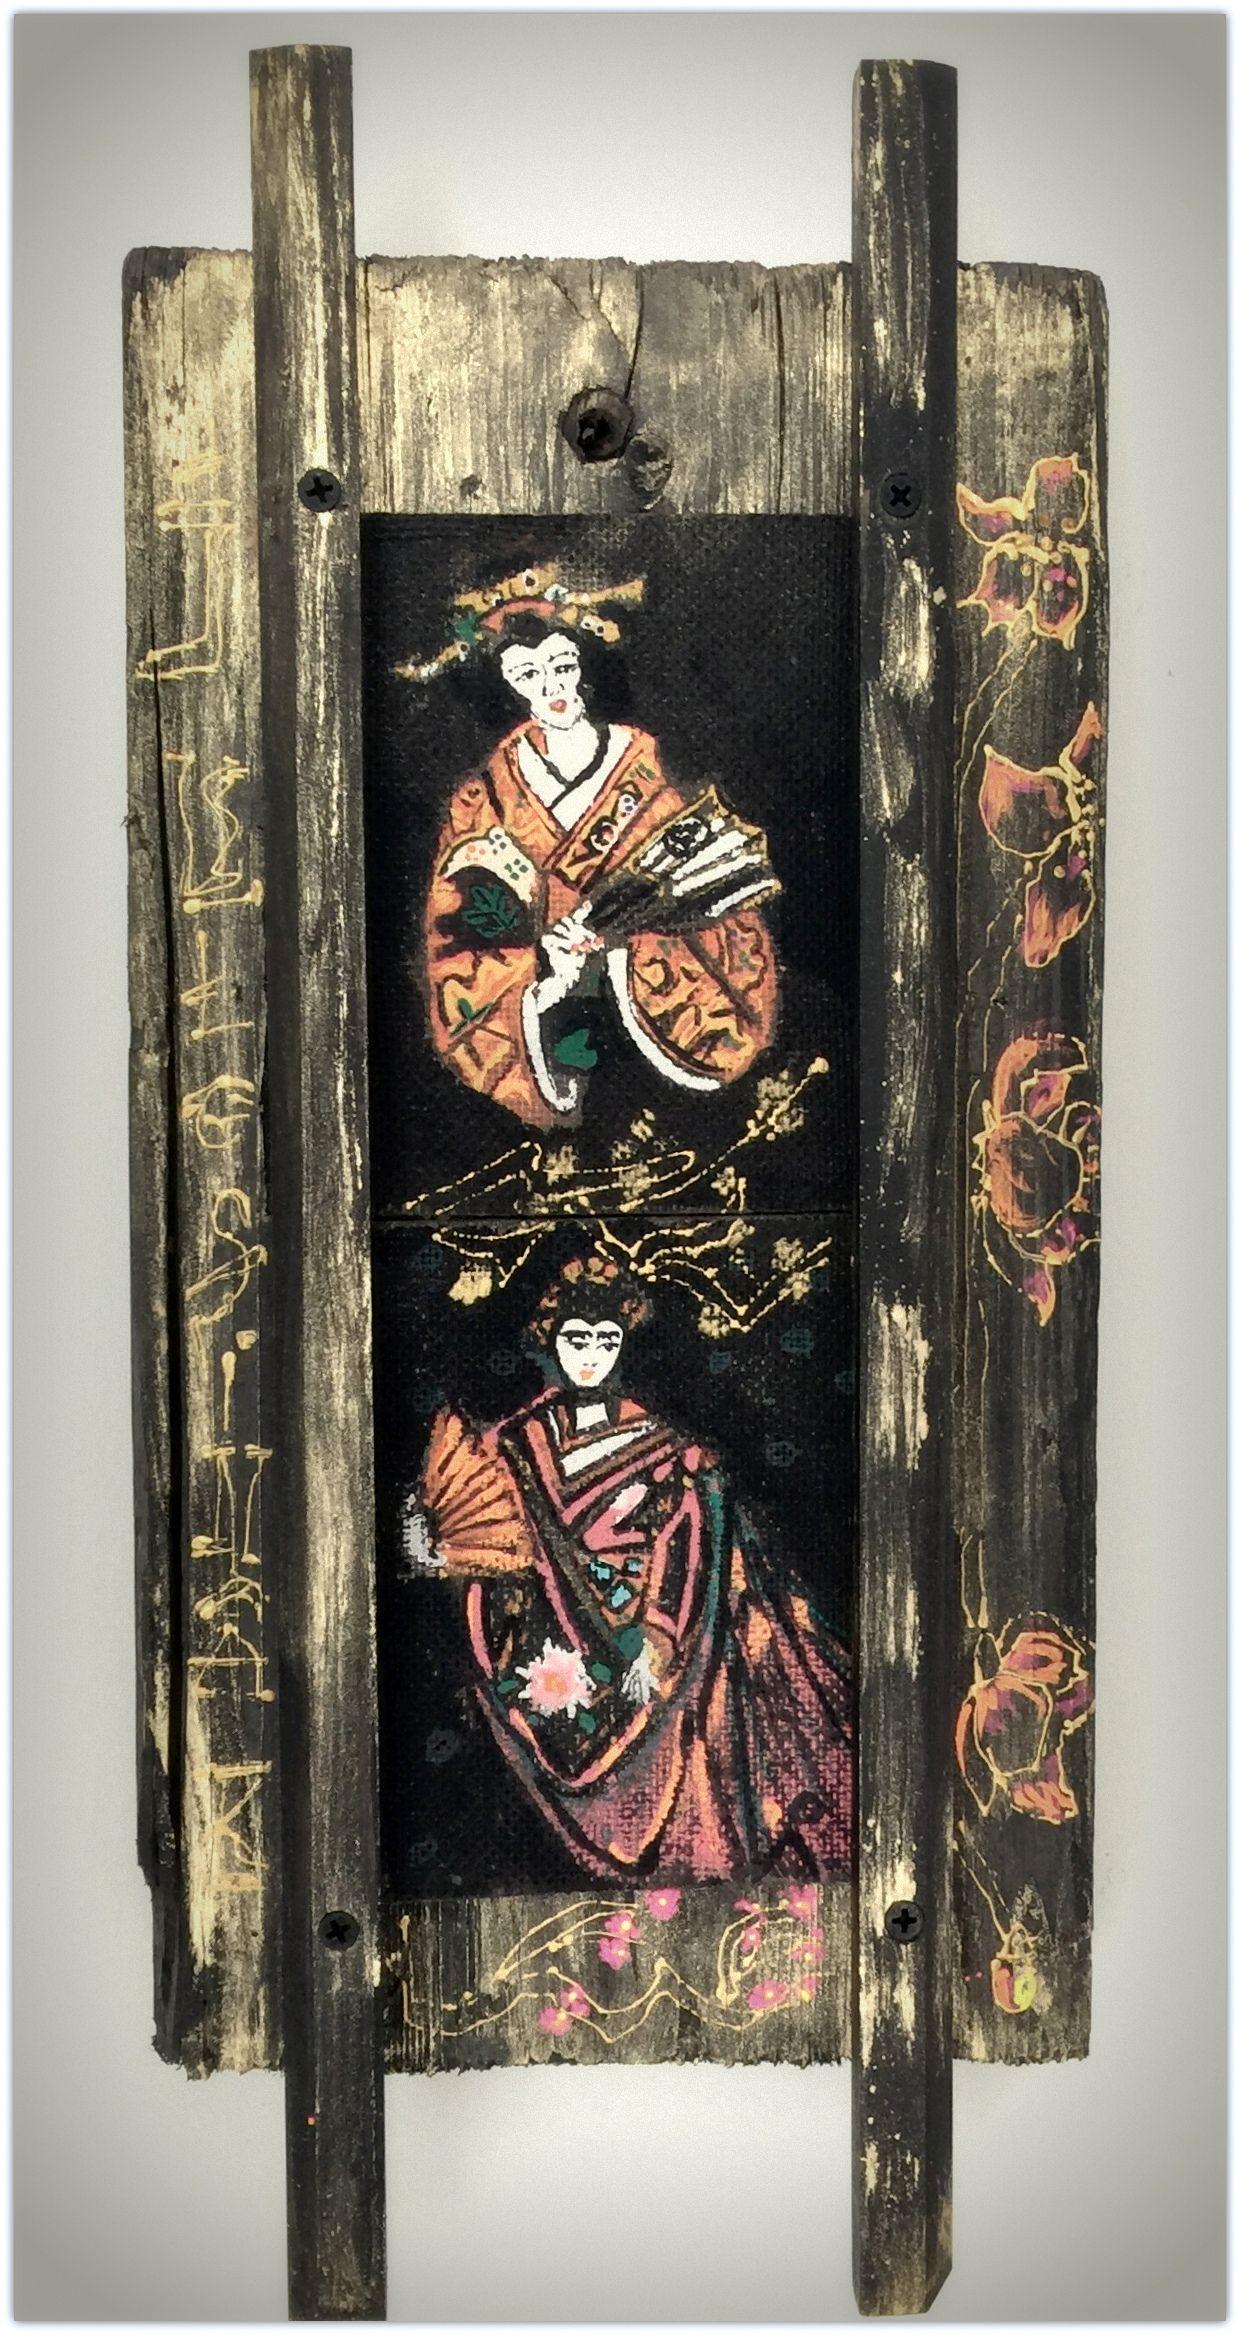 Arany kimonó : nyers antik 100 éves gerenda anyag a durva valóságával és a légies könnyed selyem kimonó arany szálai kollázs